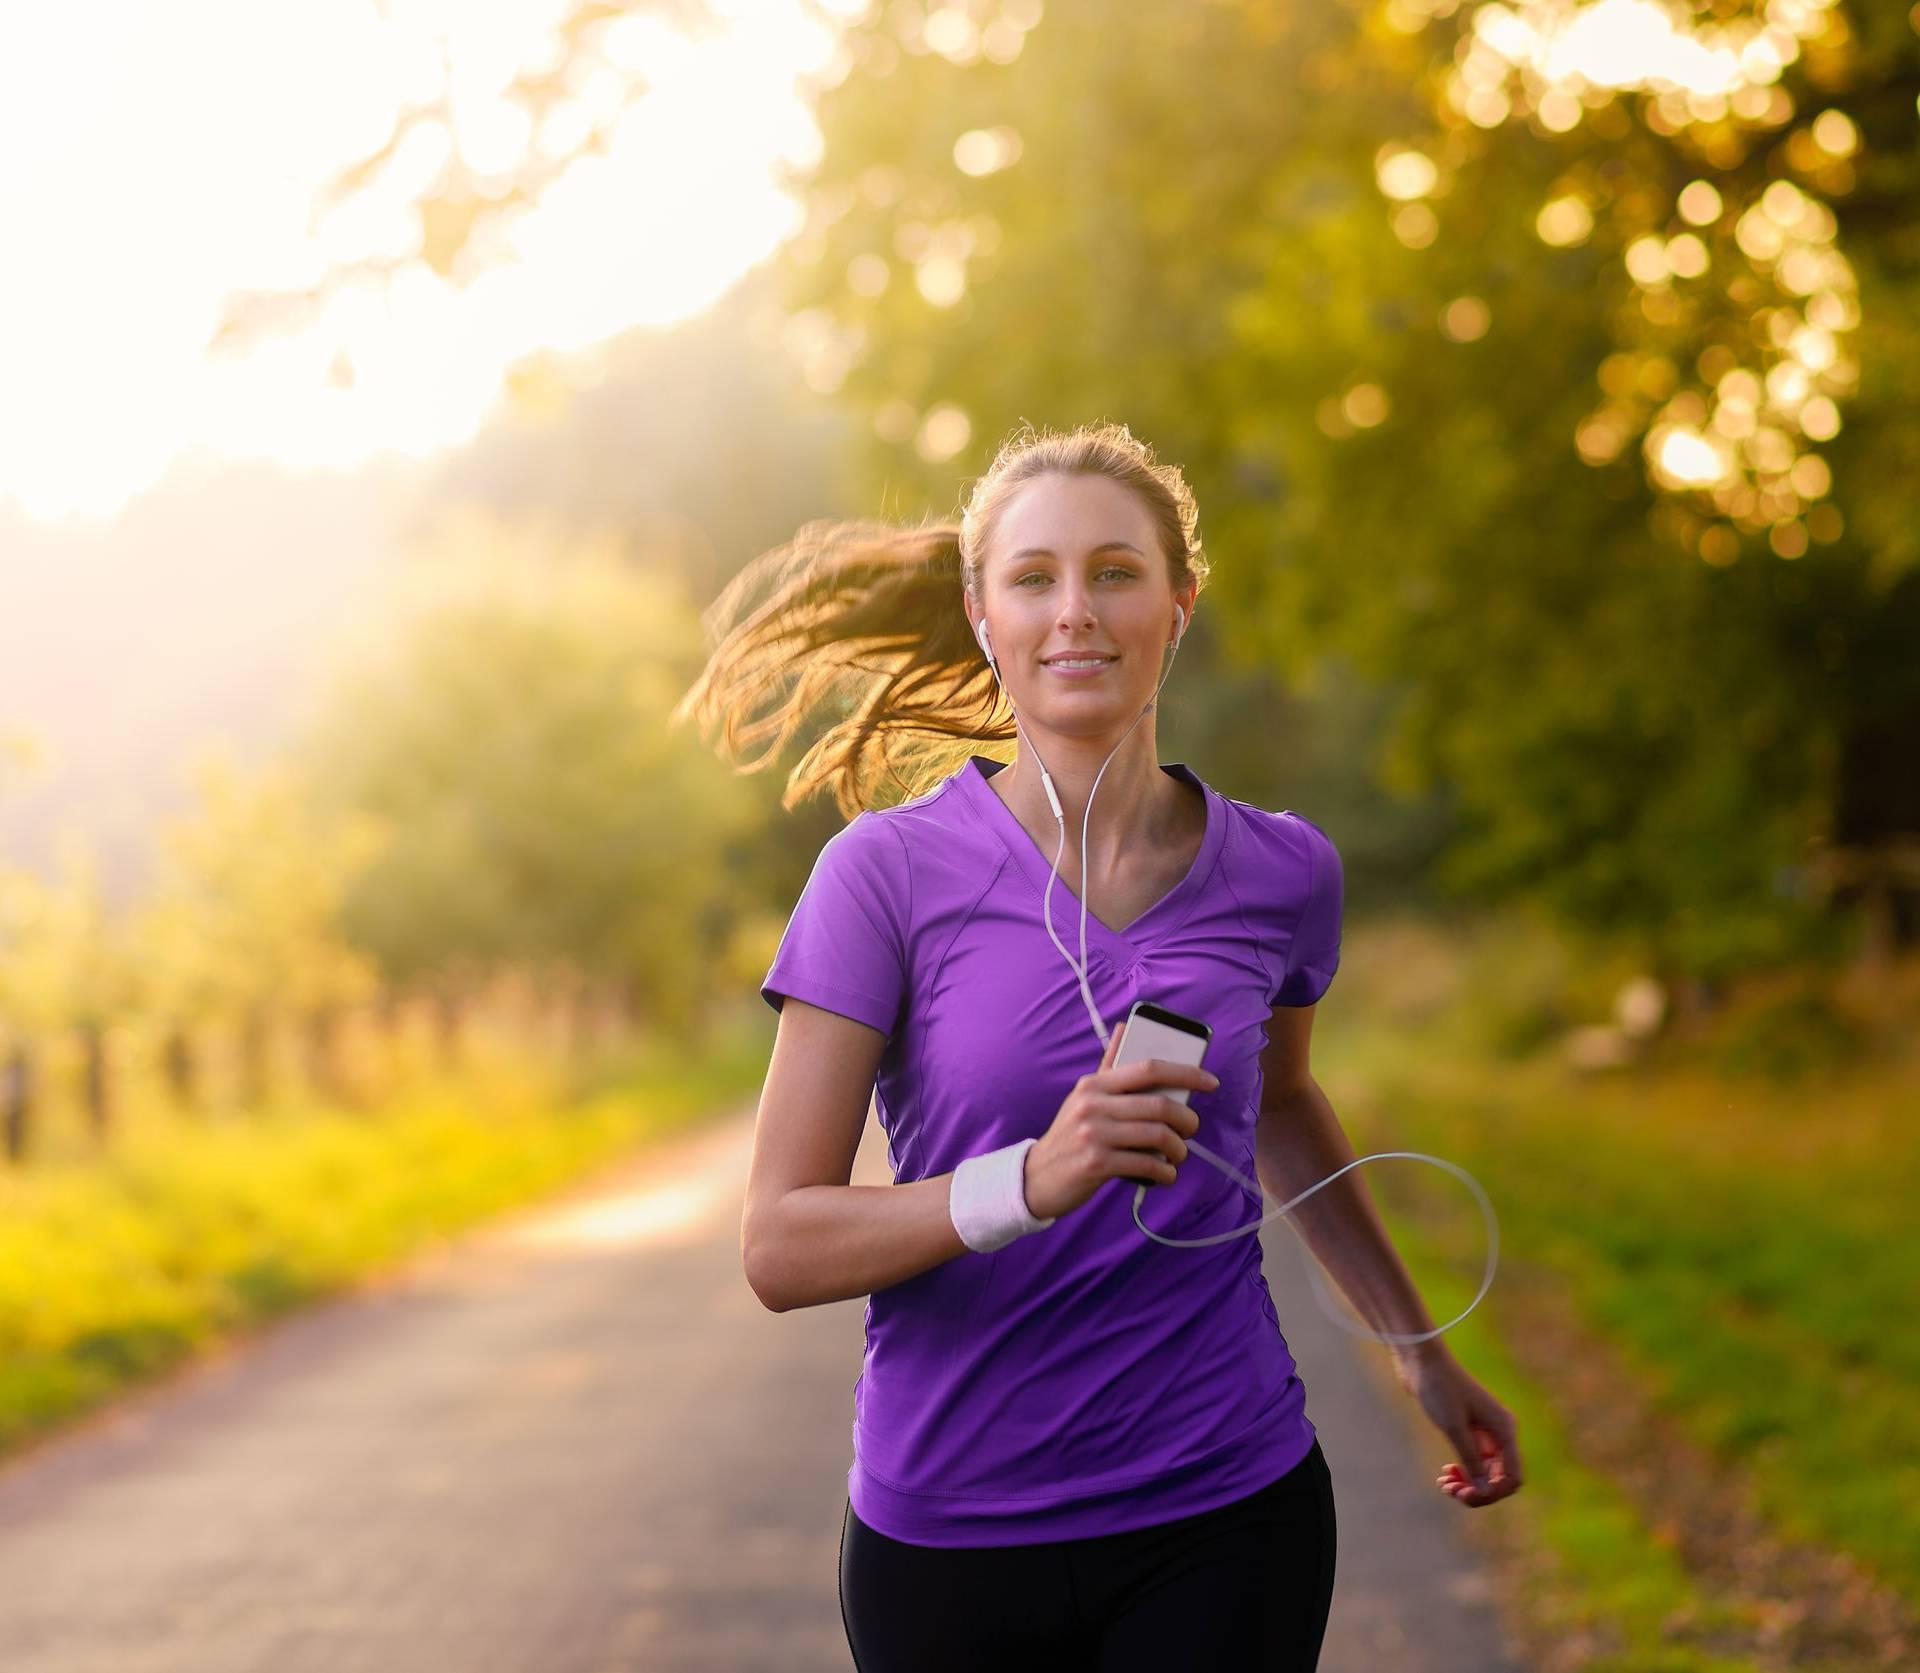 Hodanjem se može skinuti i do kilogram sala u mjesec dana